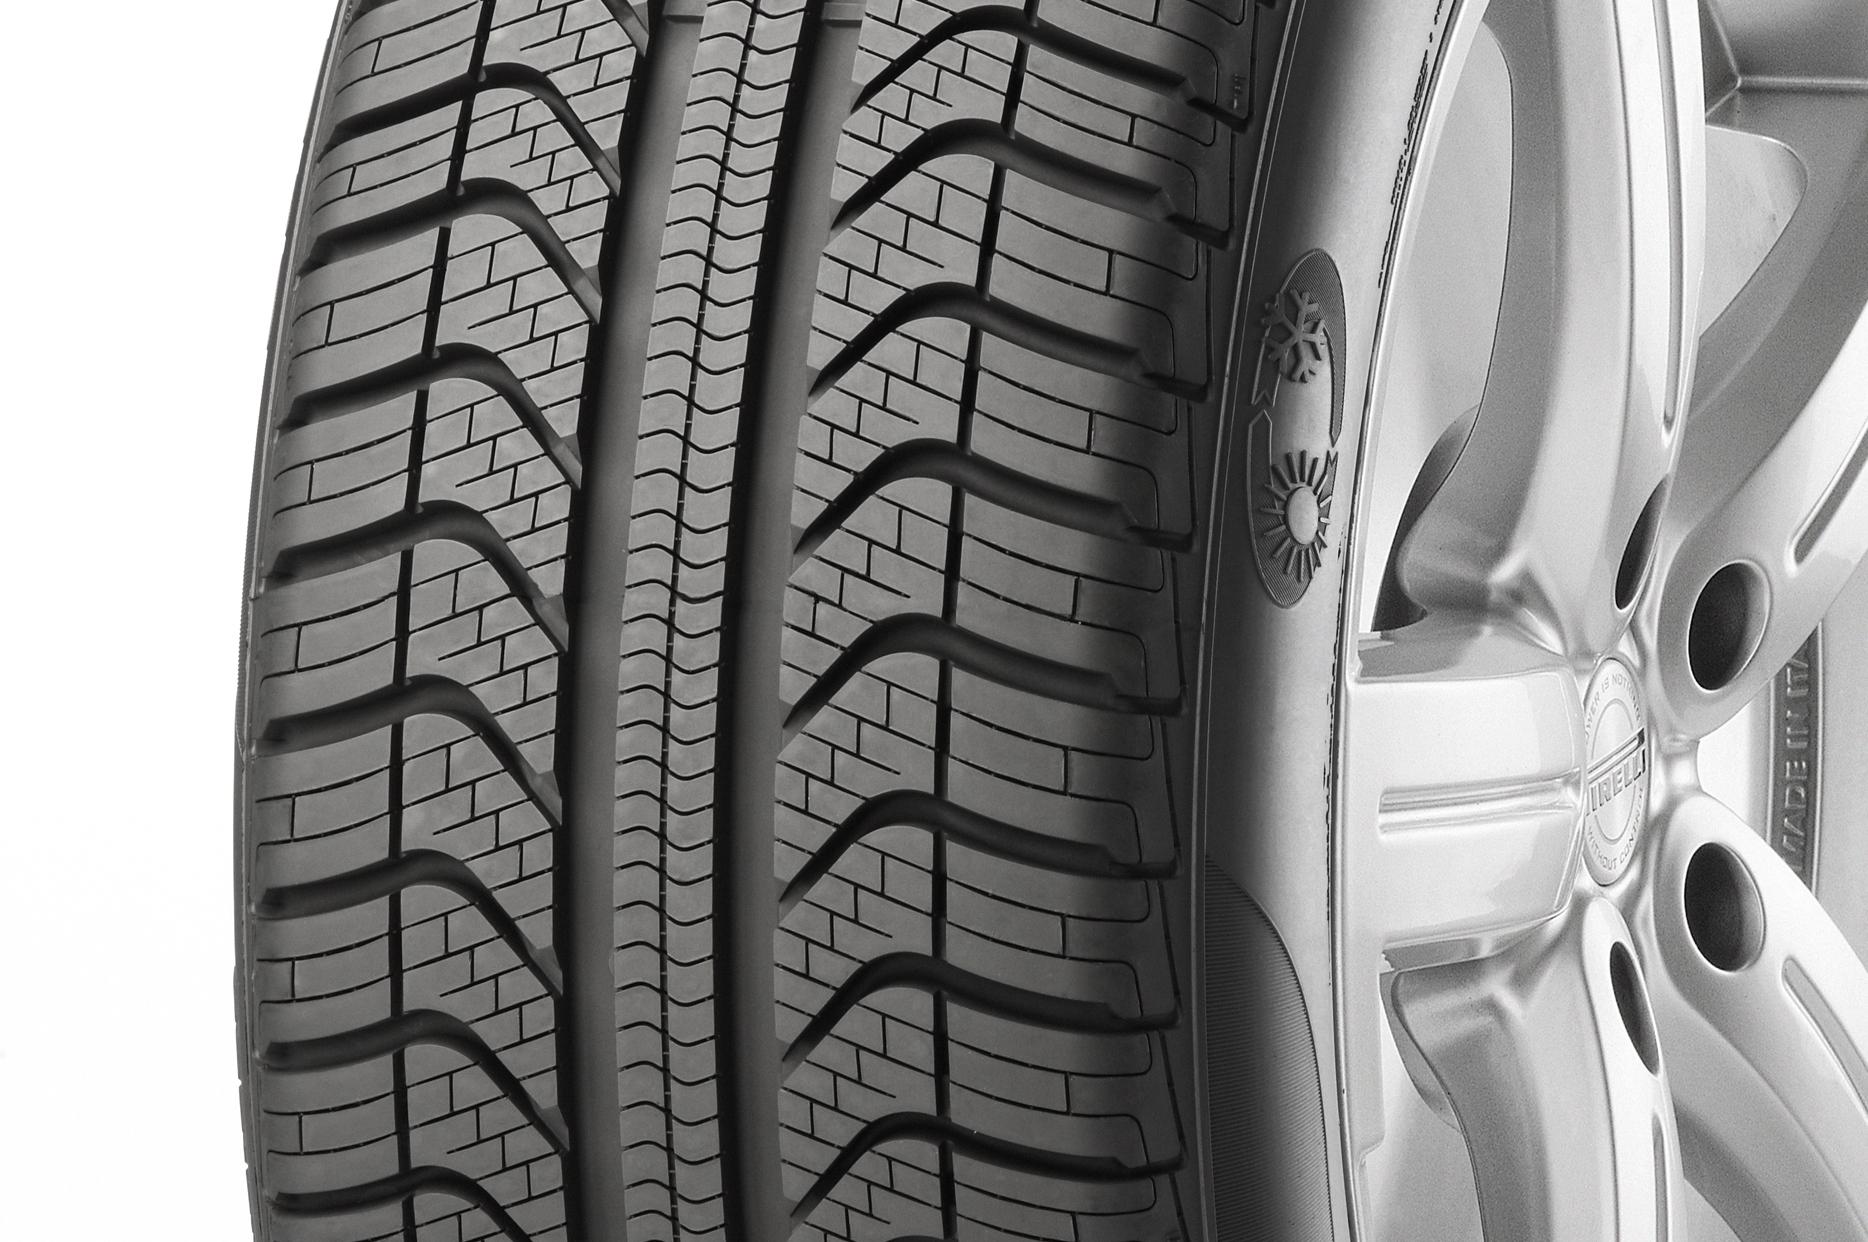 focus sur le pneu toute saison de pirelli le cinturato all season chewing gomme